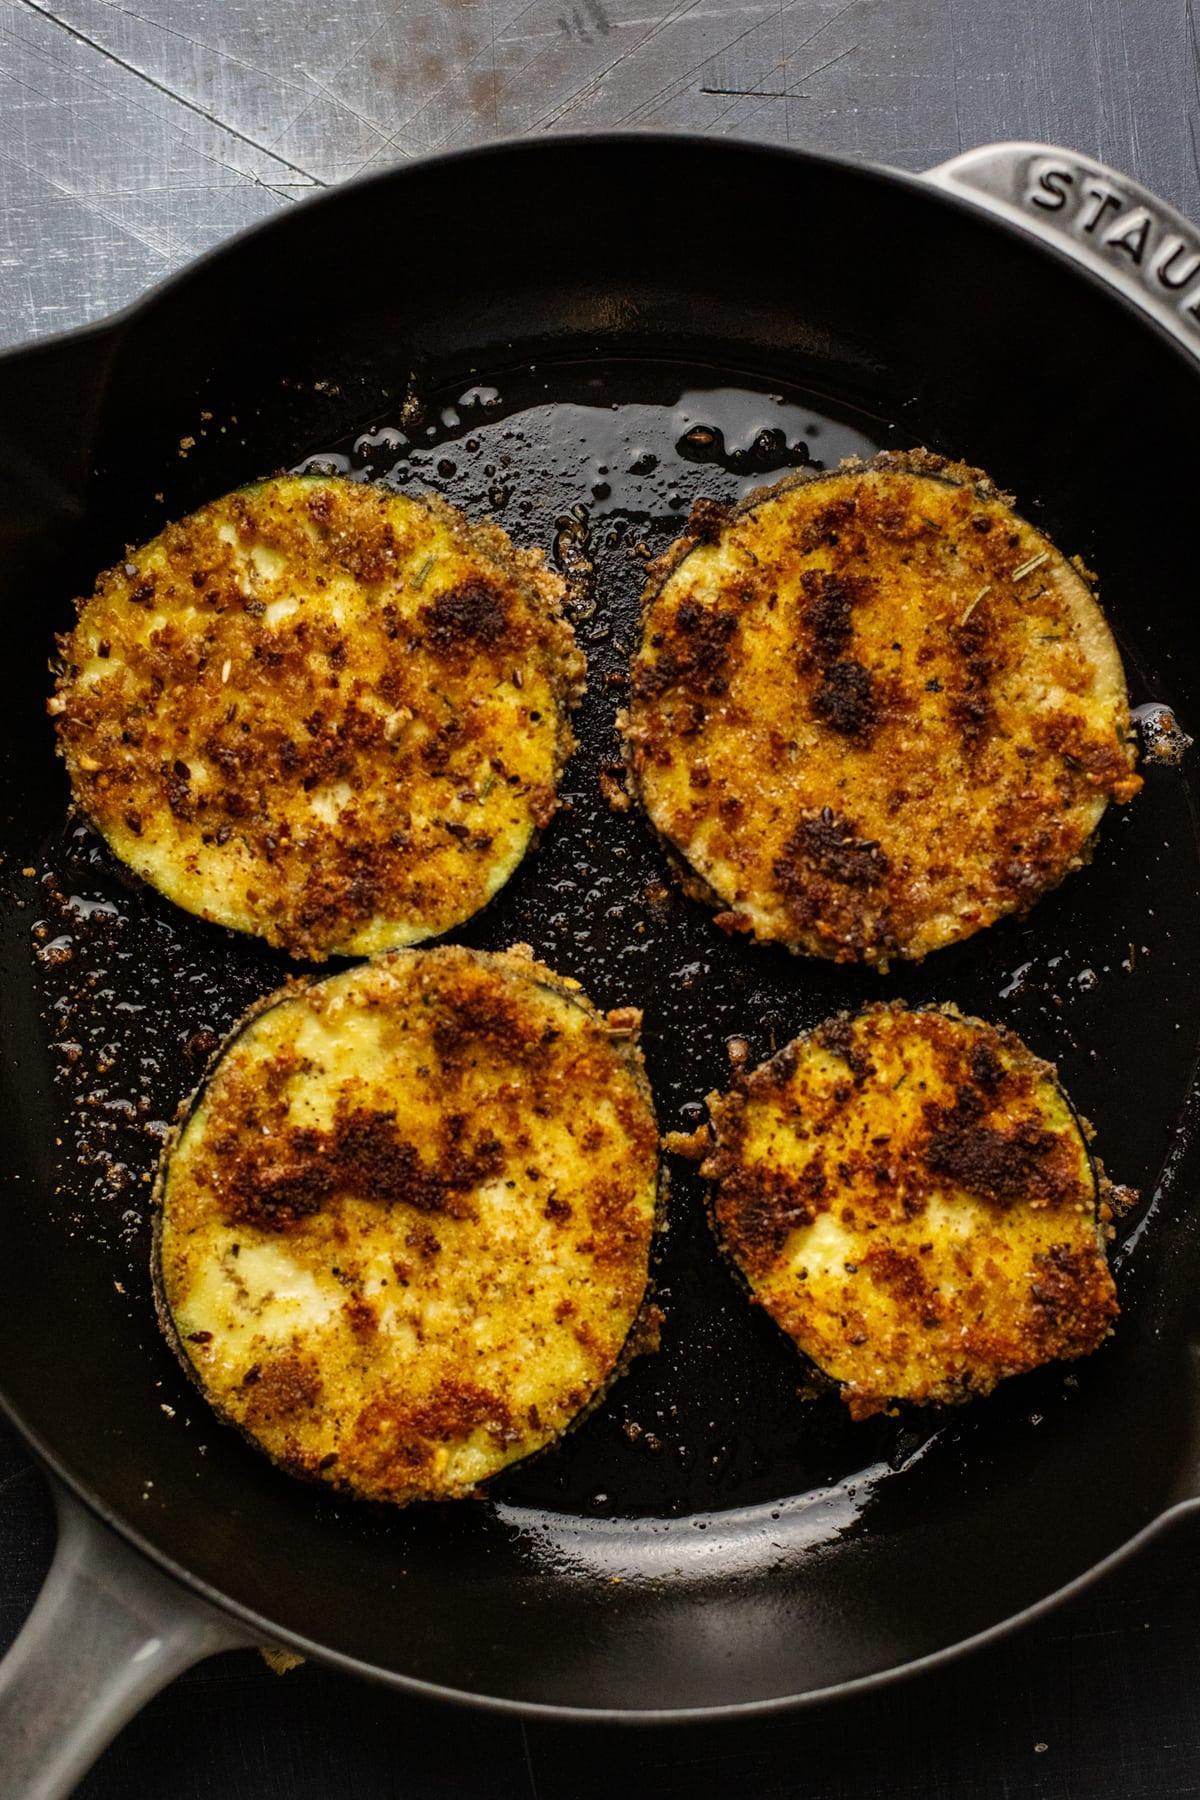 breaded eggplant being browned in black skillet pan.